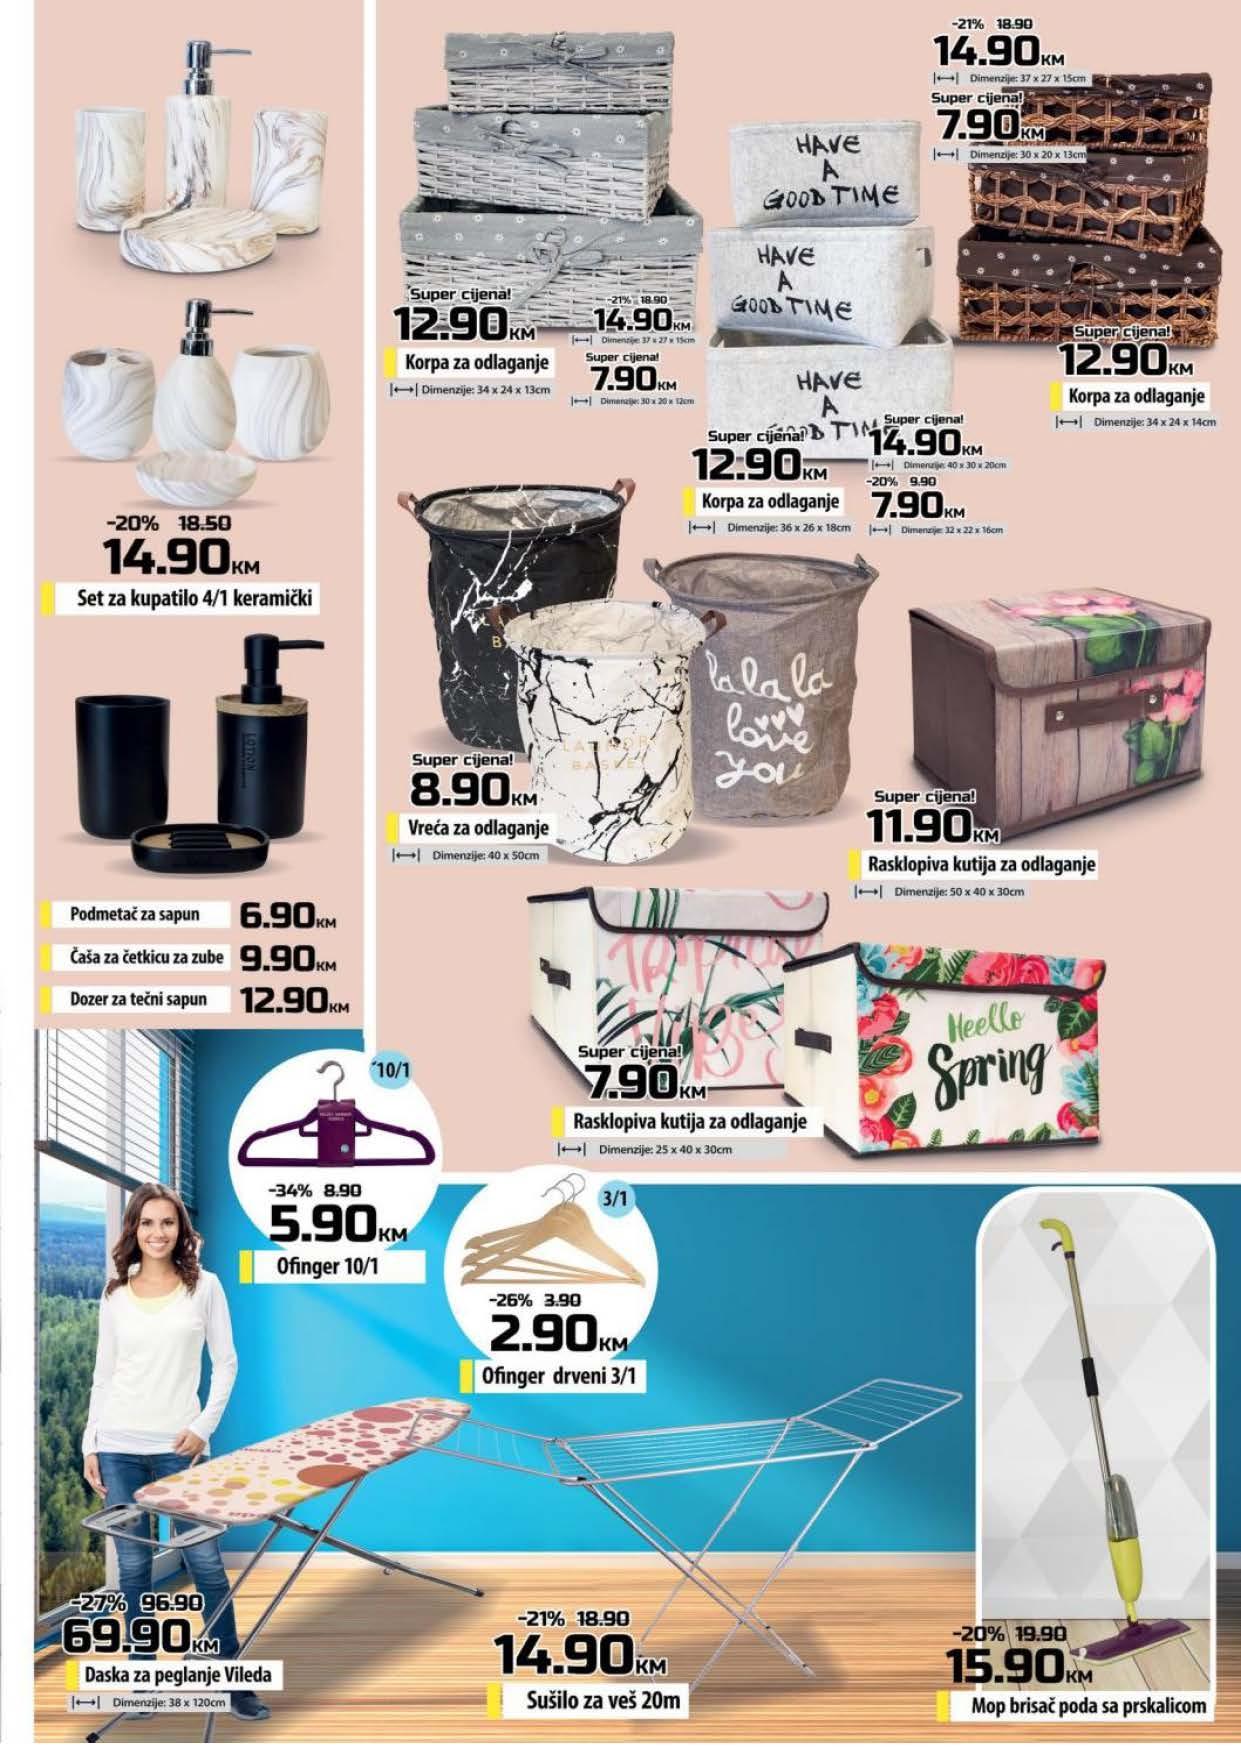 BINGO katalog Opremite VAS dom MAJ 2021 17.05.2021. 13.06.2021. Page 21